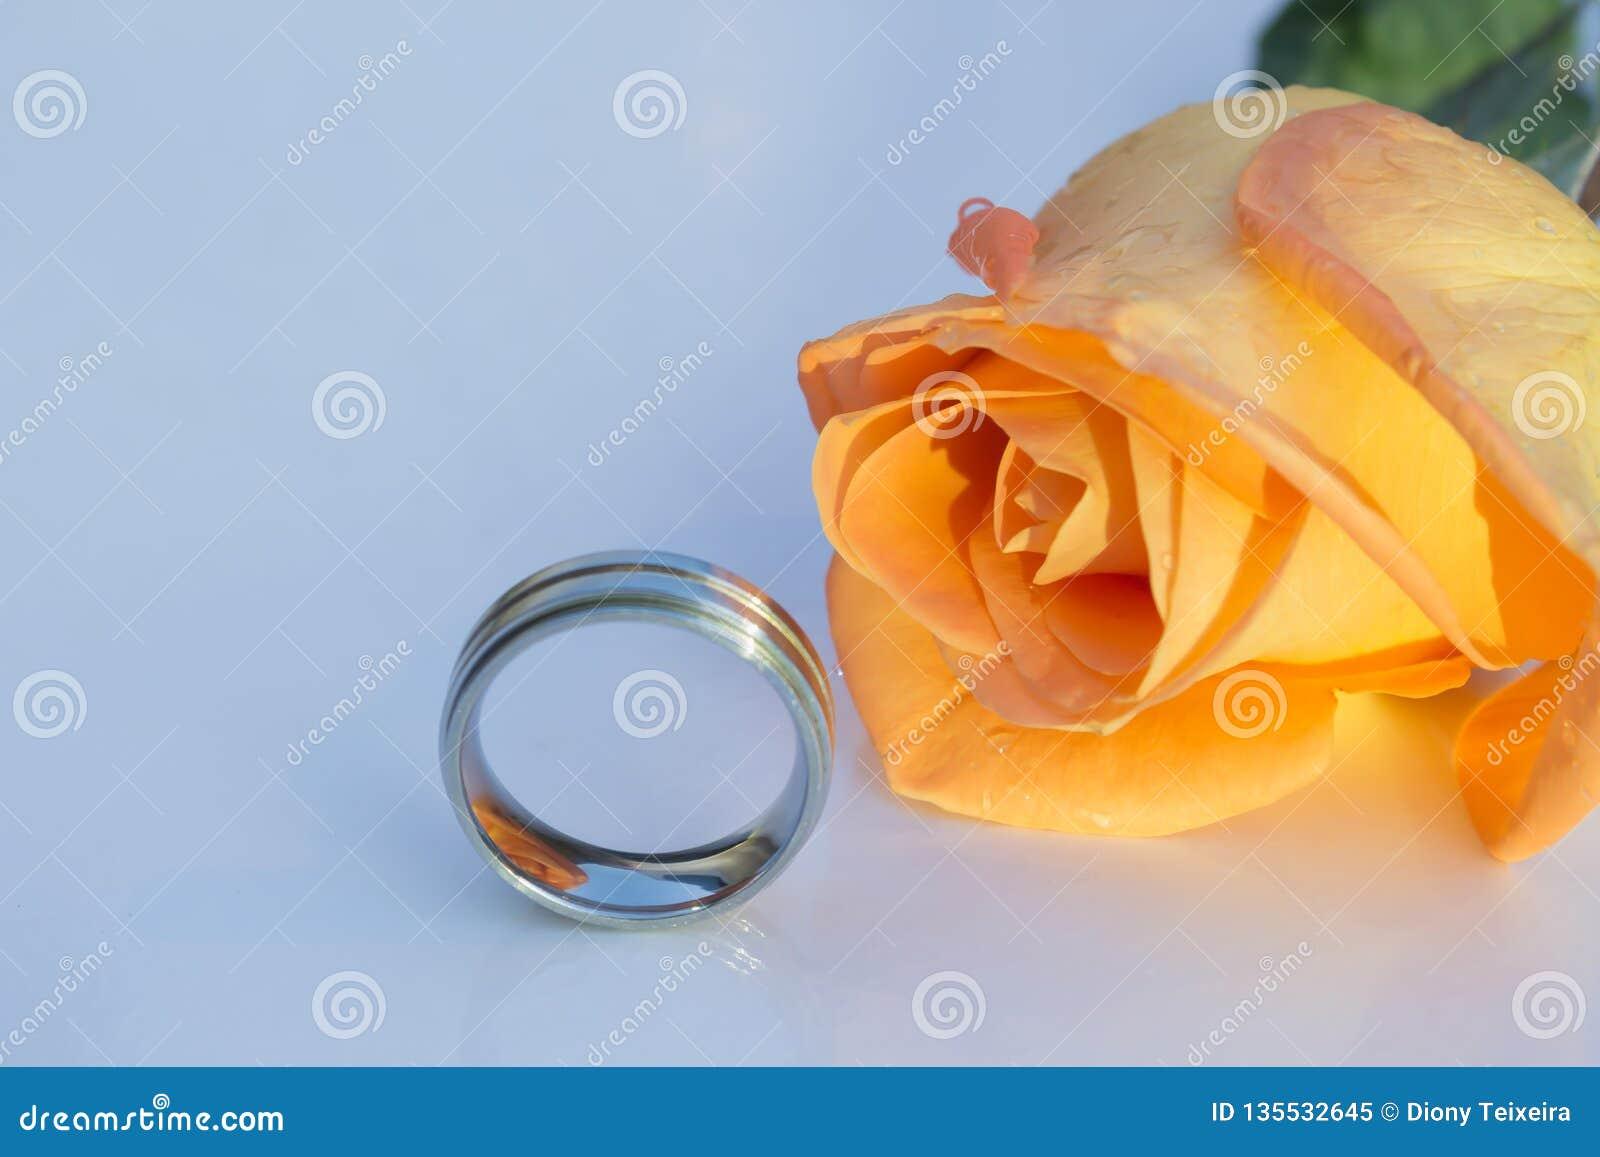 Rosa cromada y anaranjada del anillo de bodas, debajo de dramático ligero, en el fondo blanco